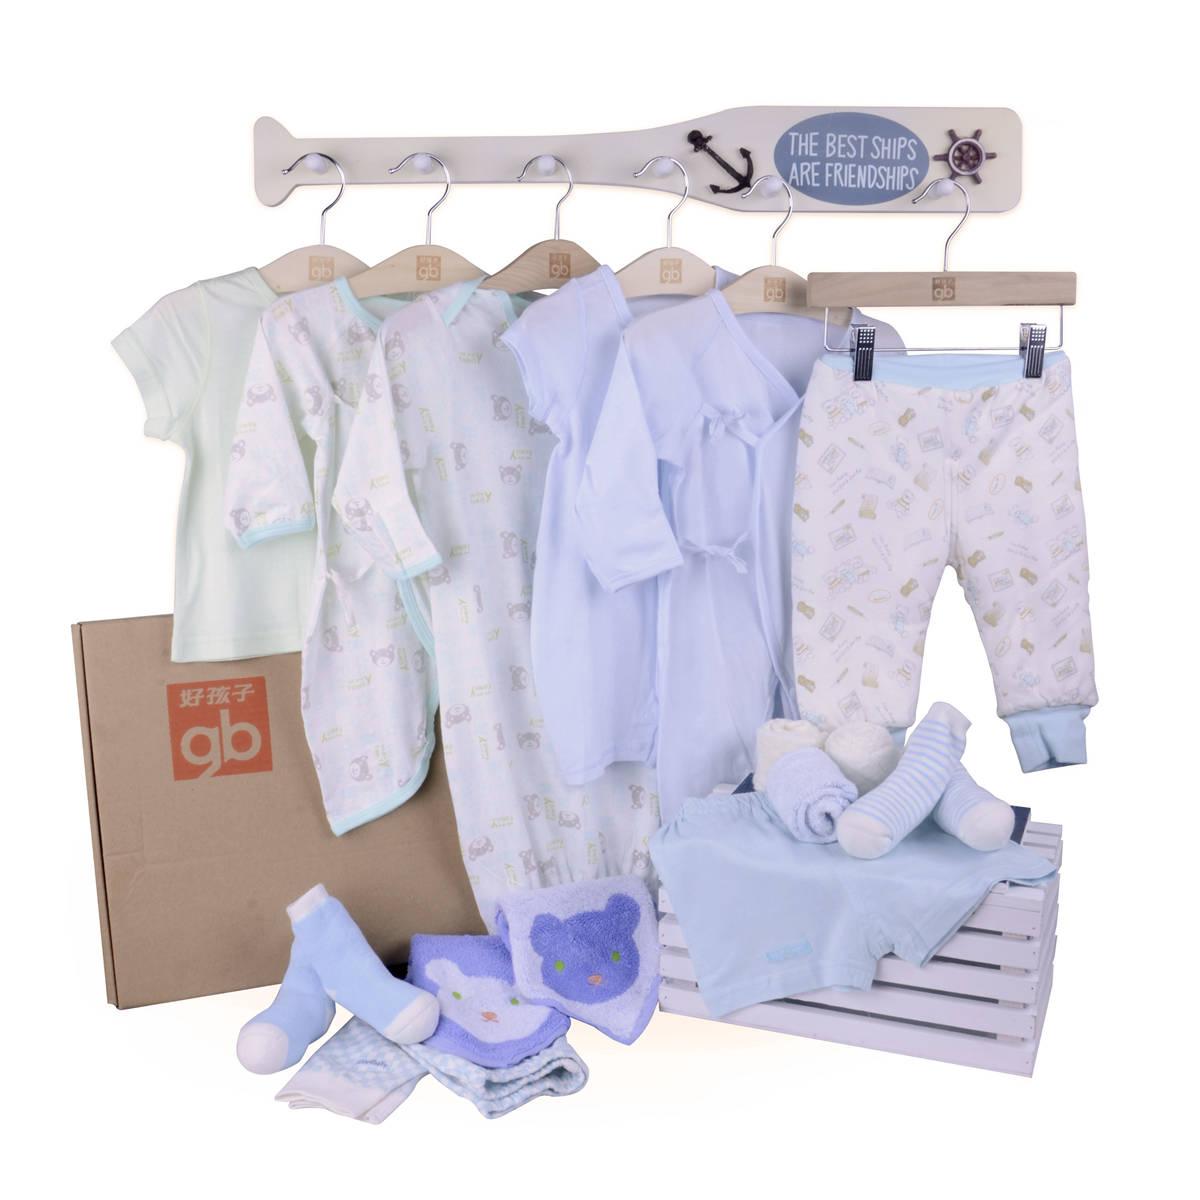 好孩子内衣2015秋冬新款婴儿内衣16件套装礼盒宝宝内衣配件大礼包